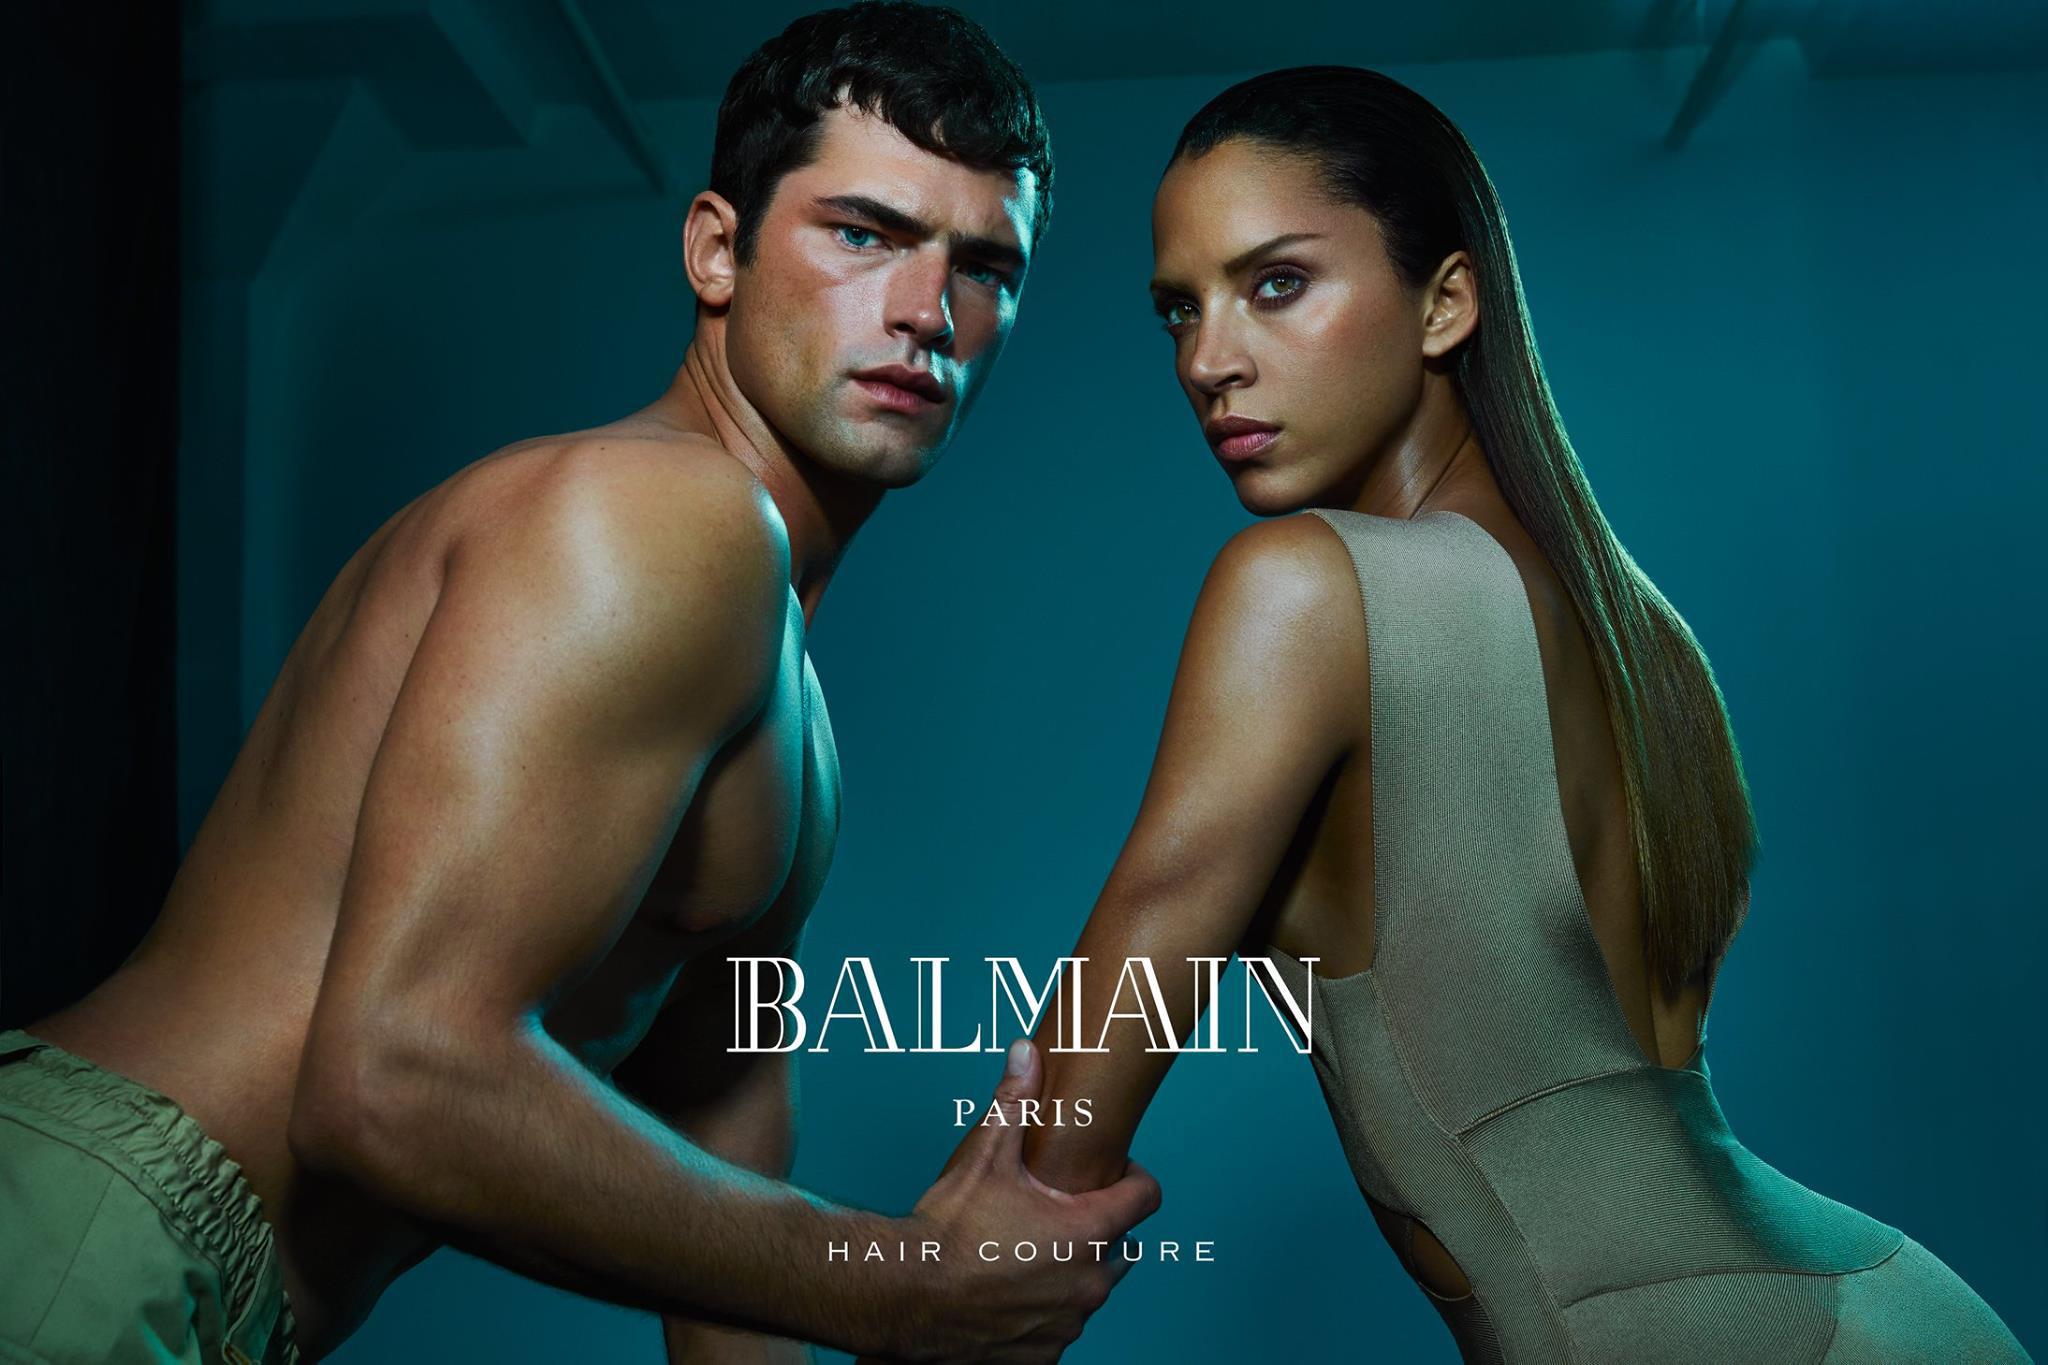 Image via Balmain Hair Couture Facebook page